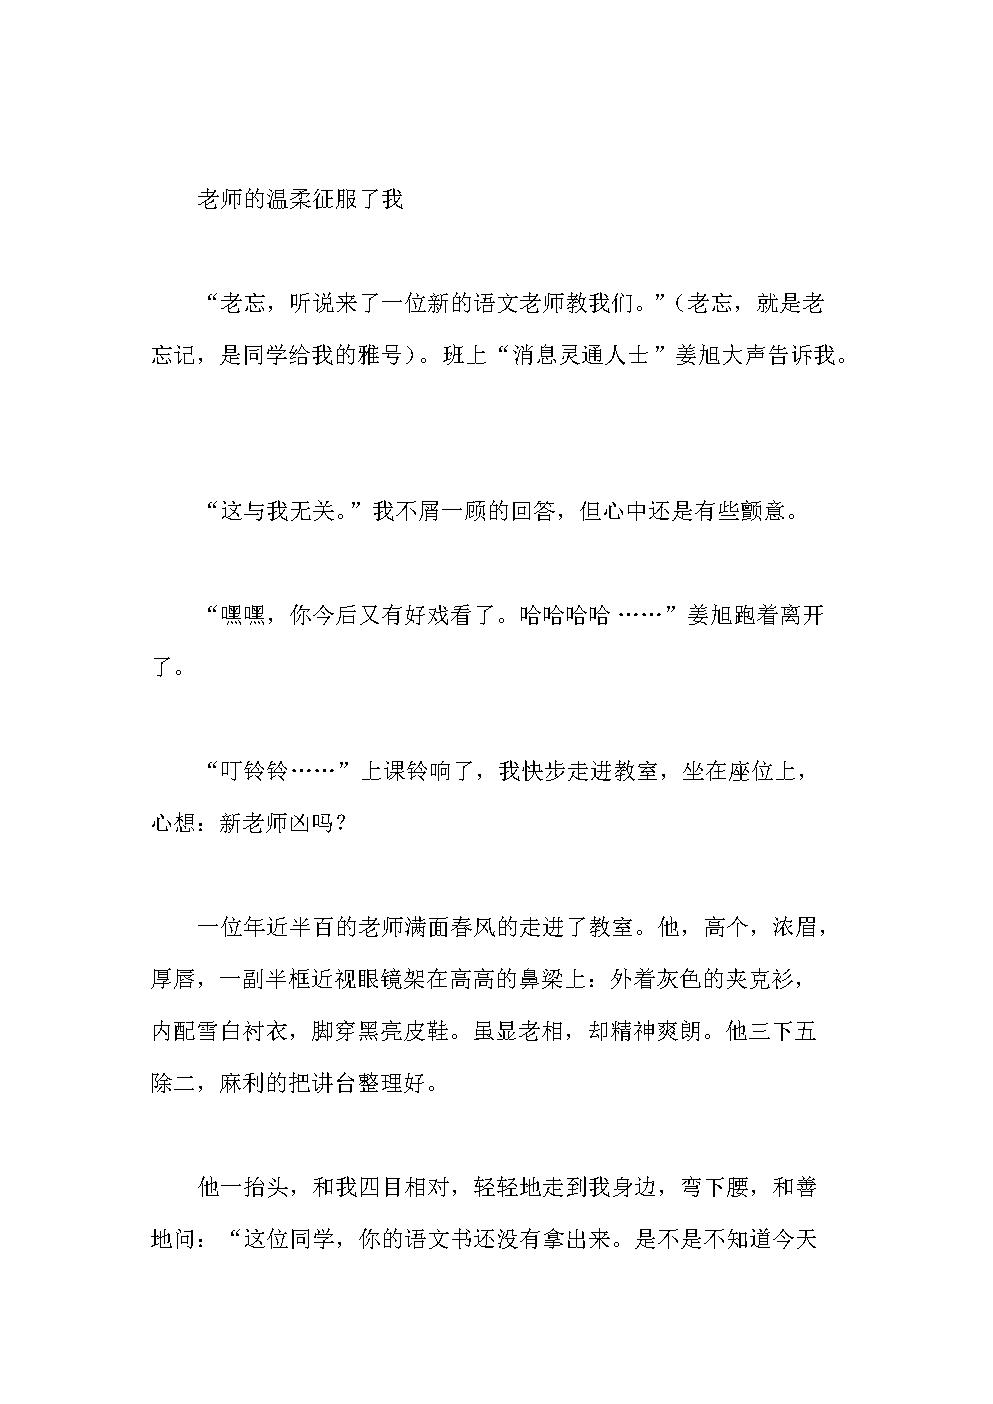 中考满分作文赏析:老师的温柔征服了我.doc